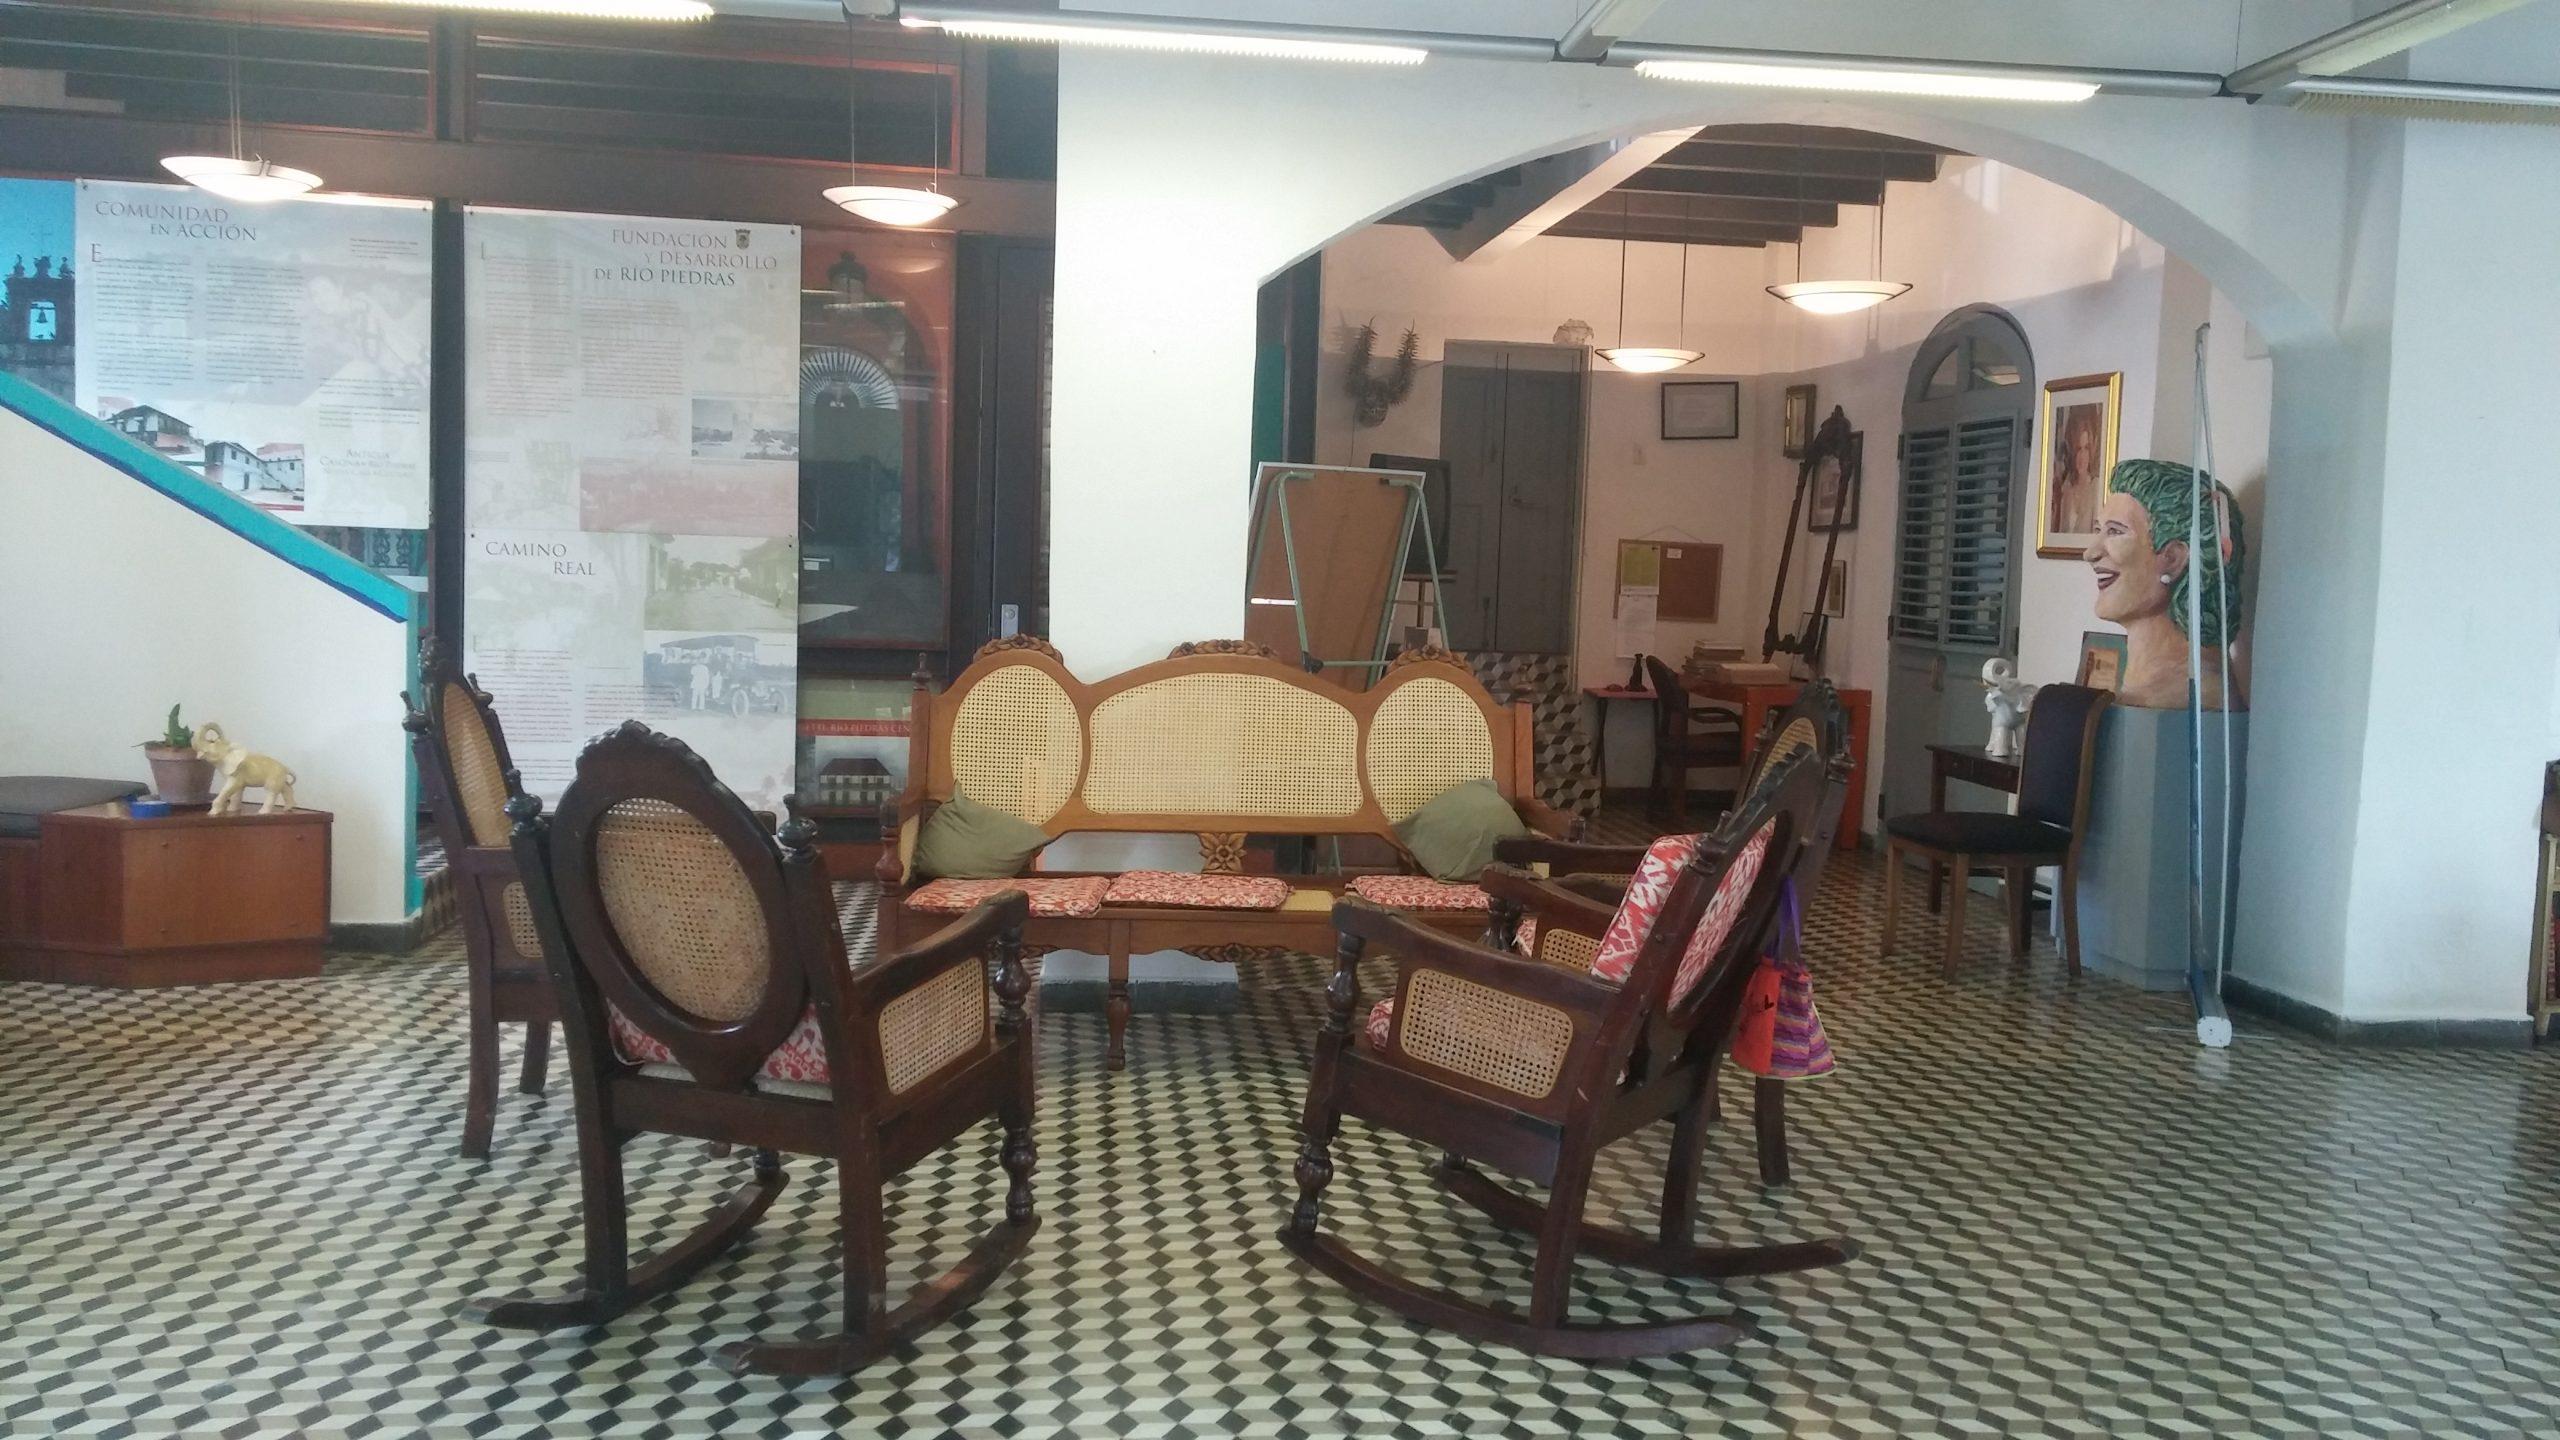 Una de las áreas de estar accesibles al público. (Foto Gabriela Ortiz para Fundación Nacional para la Cultura Popular)